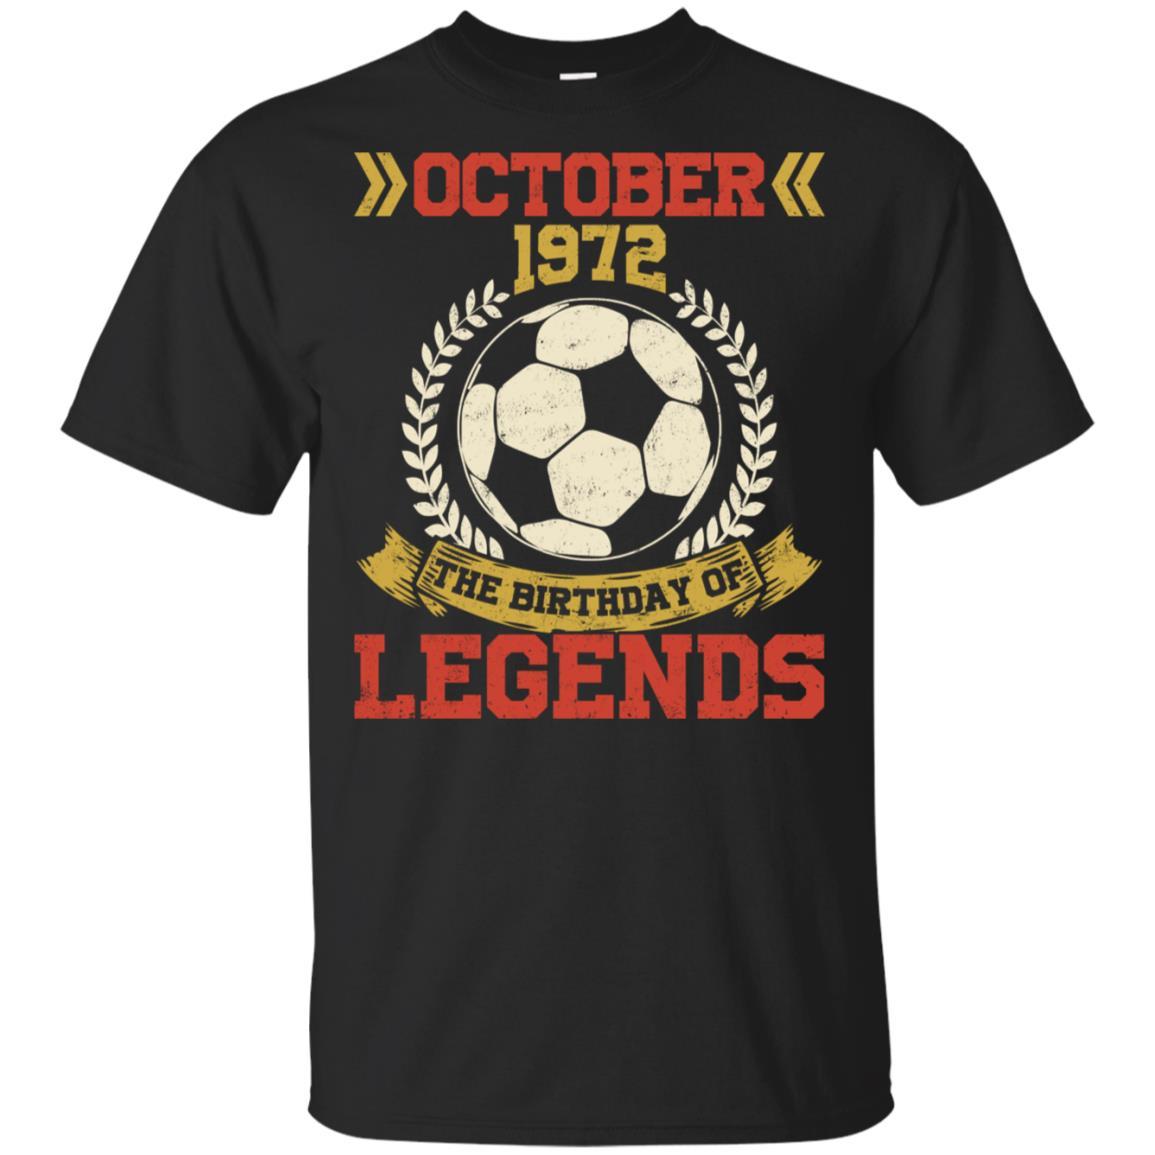 1972 October 46th Birthday Of Football Soccer Legend Unisex Short Sleeve